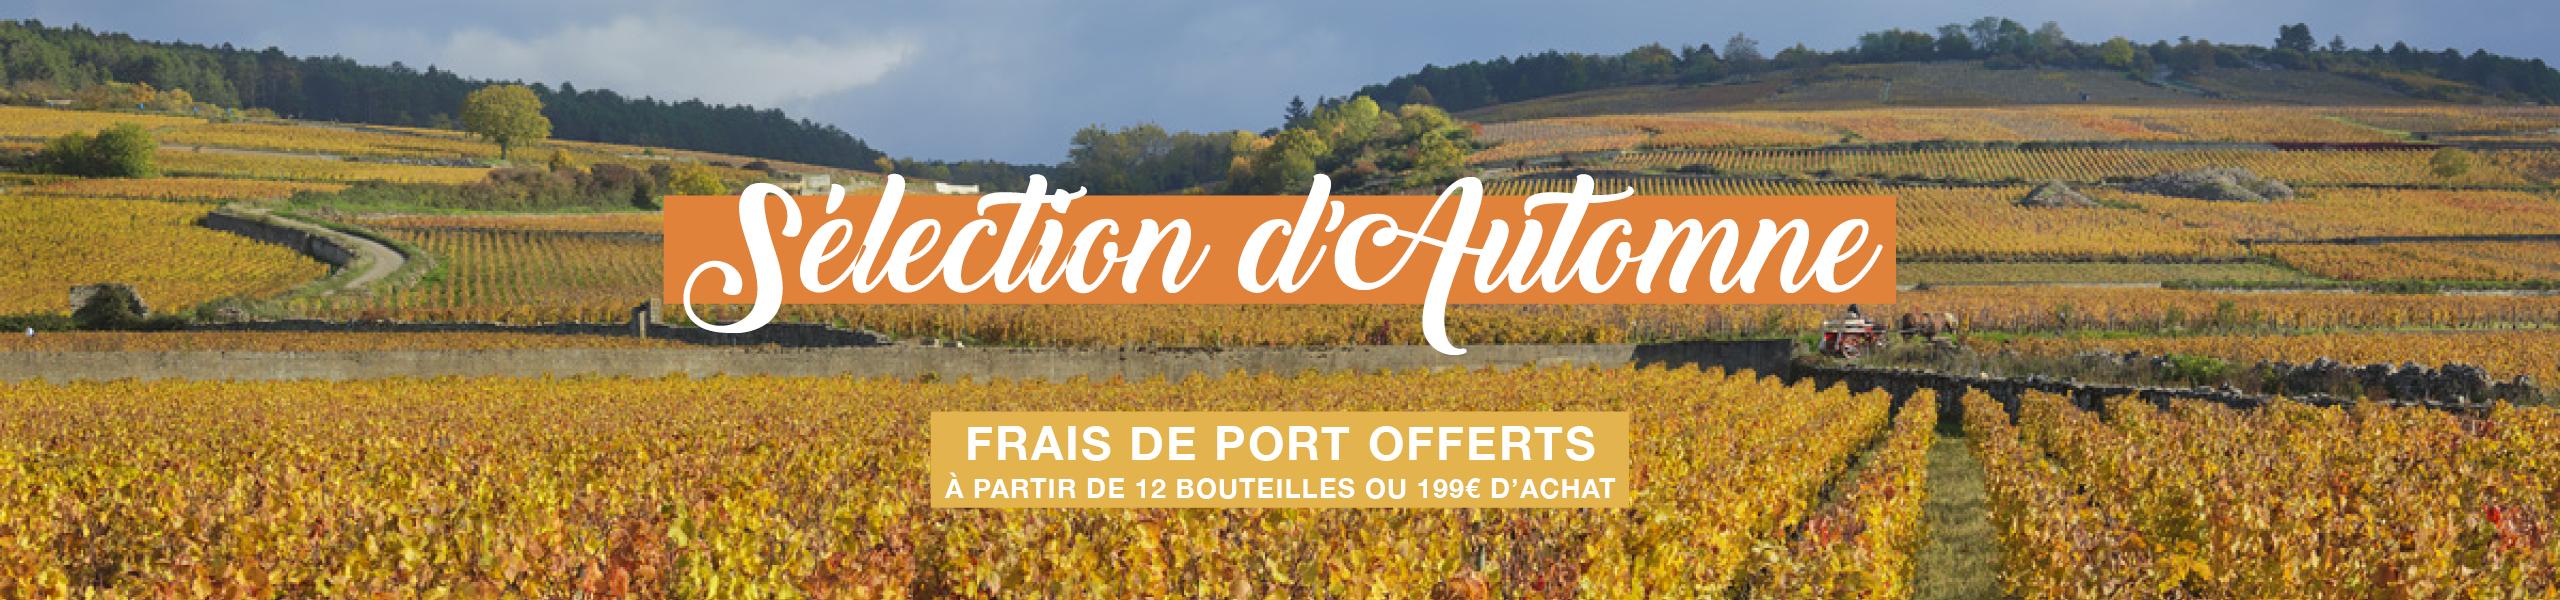 Marché aux Vins - sélection des vins d'automne